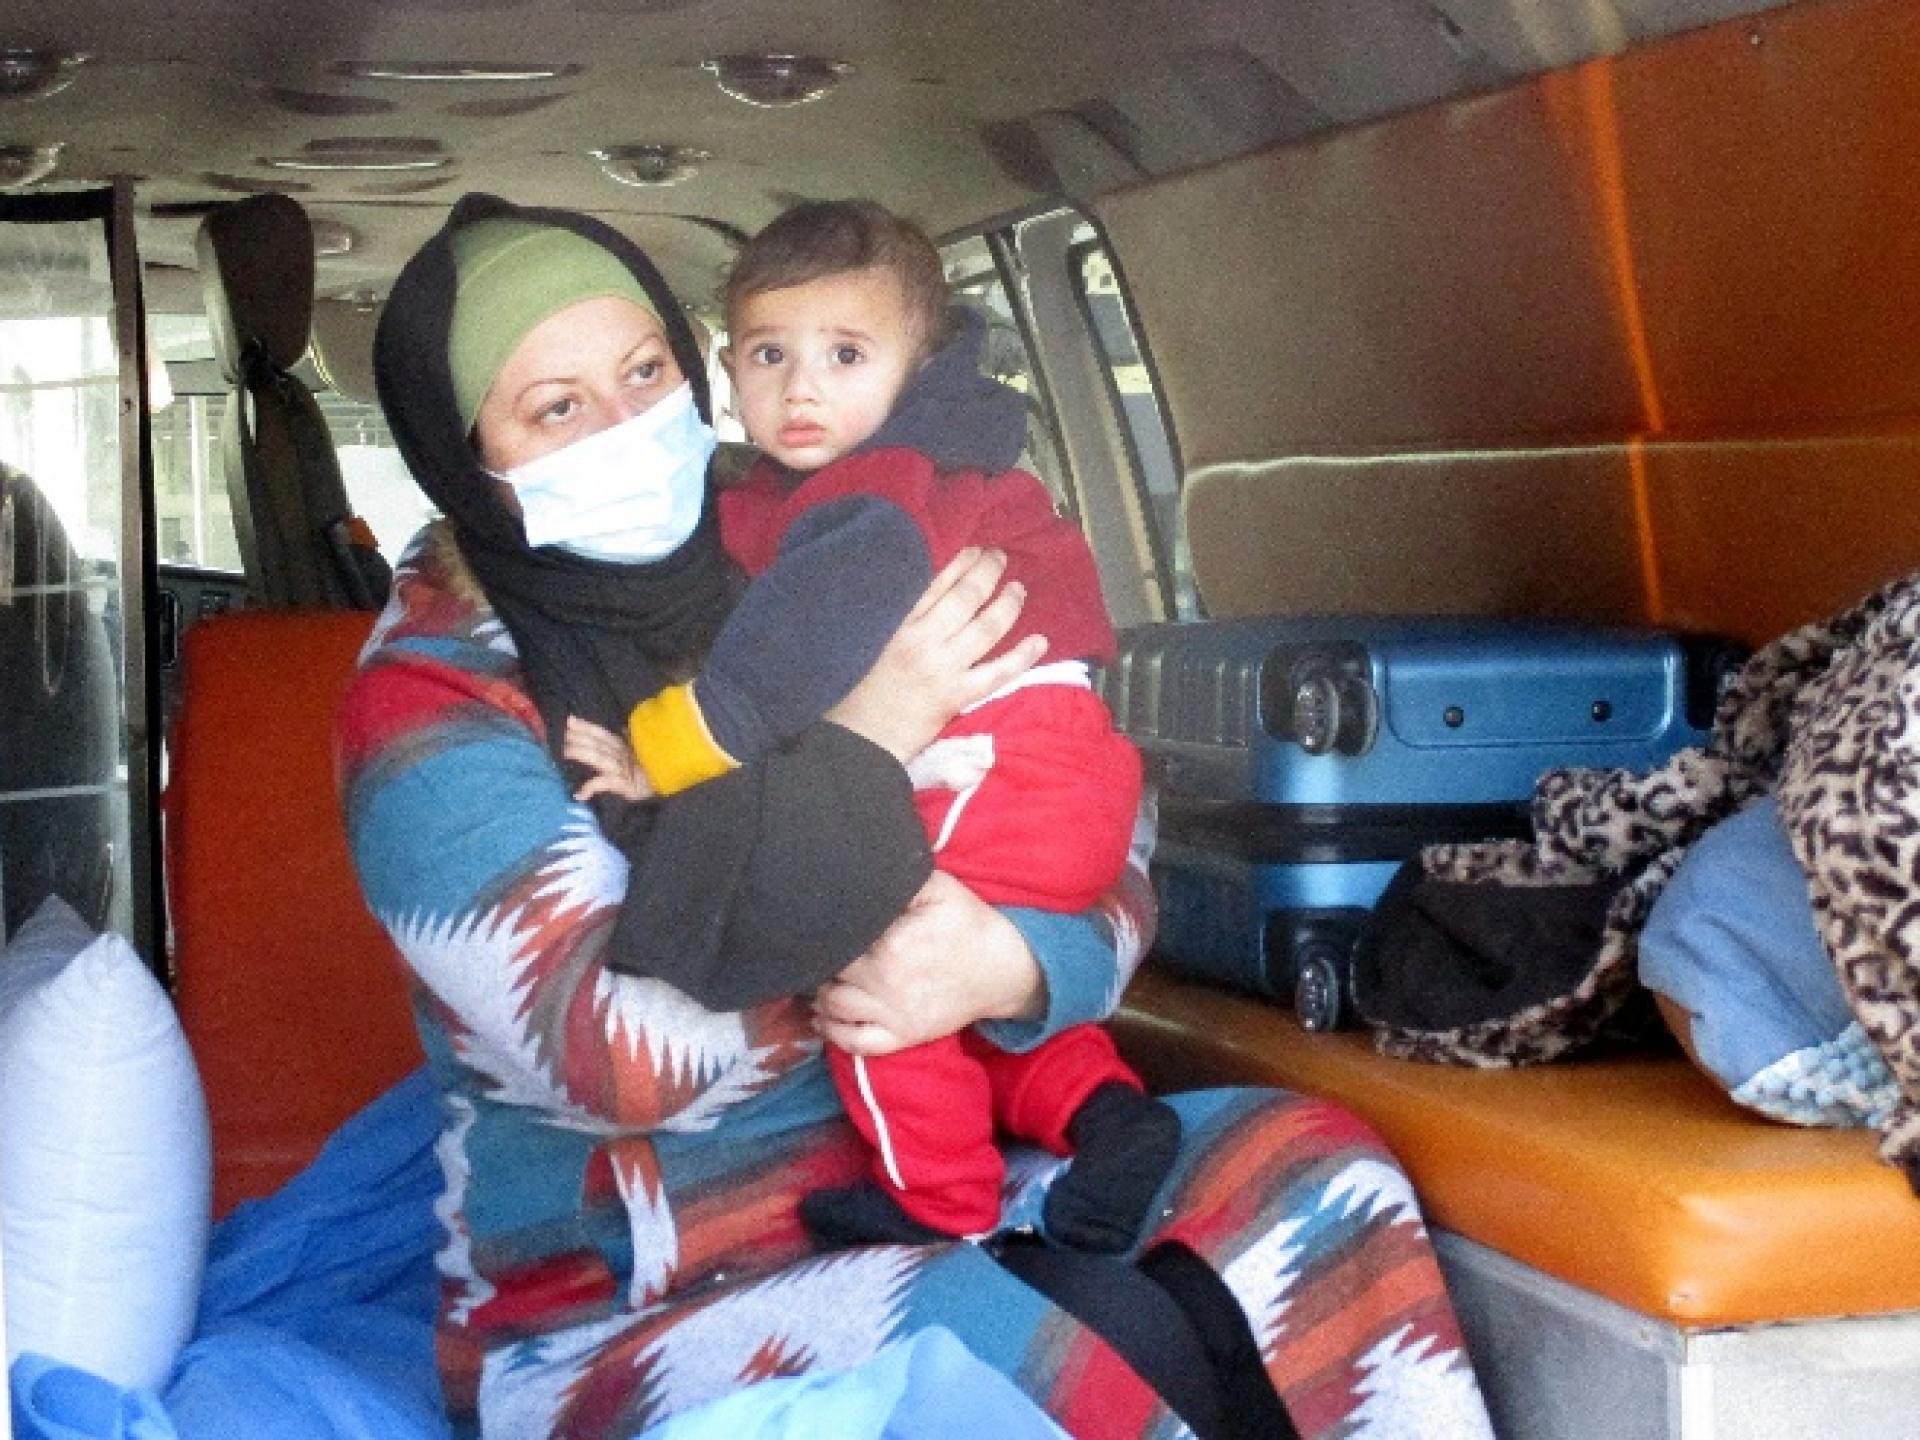 פוראת, תינוק בן 11 חודש, חולה בסרטן בזרועות אמו בתוך האמבולנס